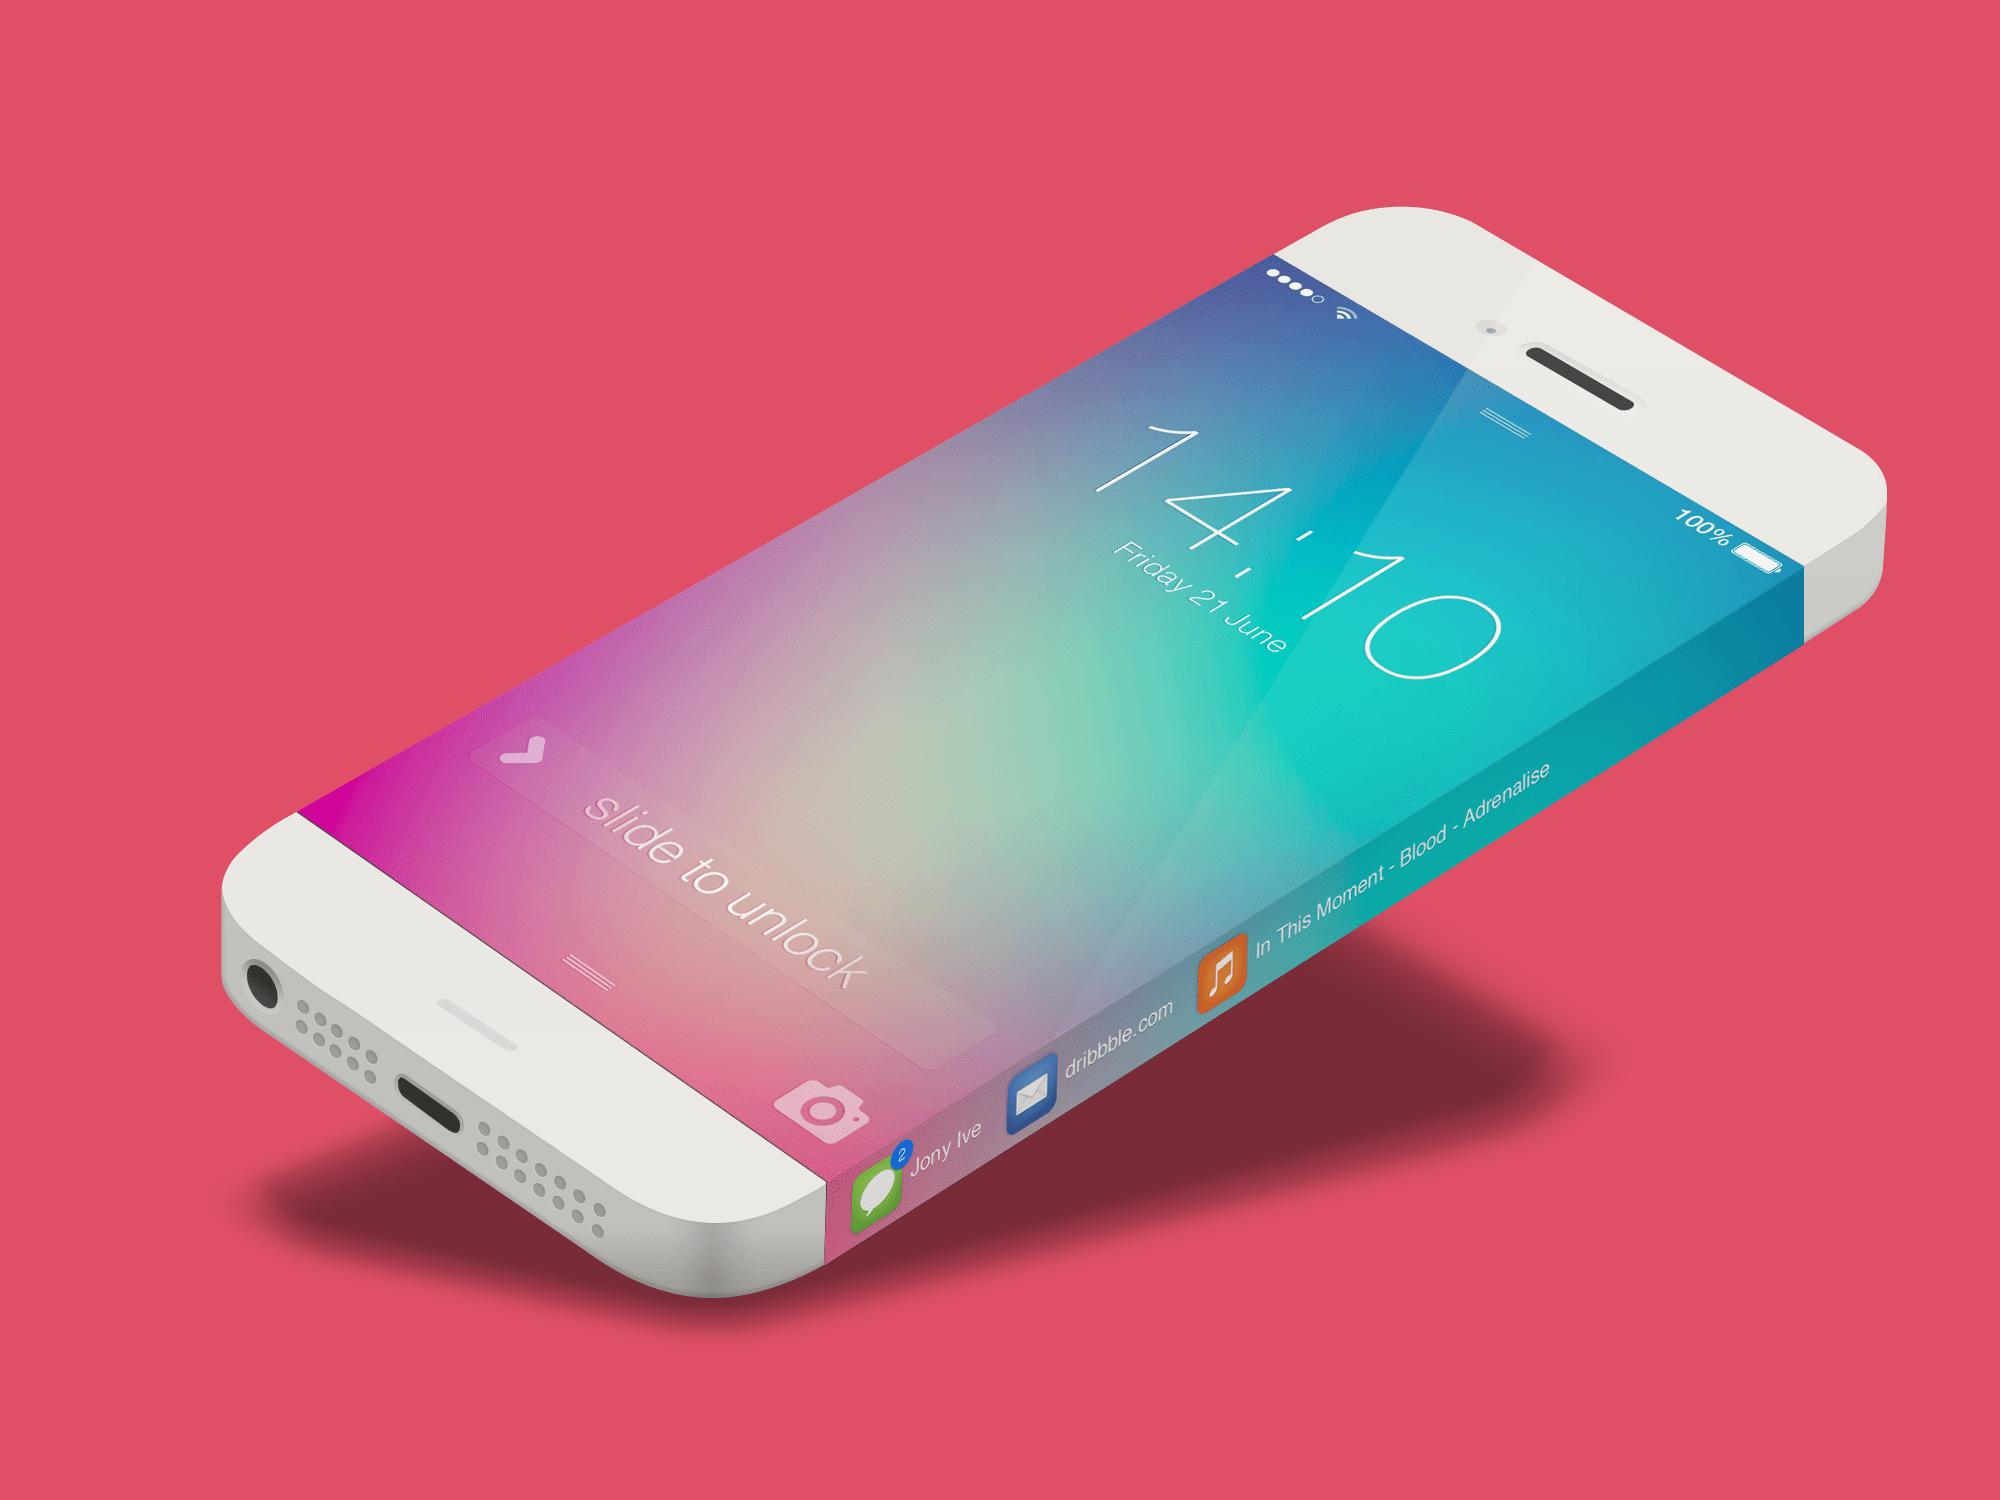 Apple brevetta l'iPhone con Display Touchscreen sui bordi